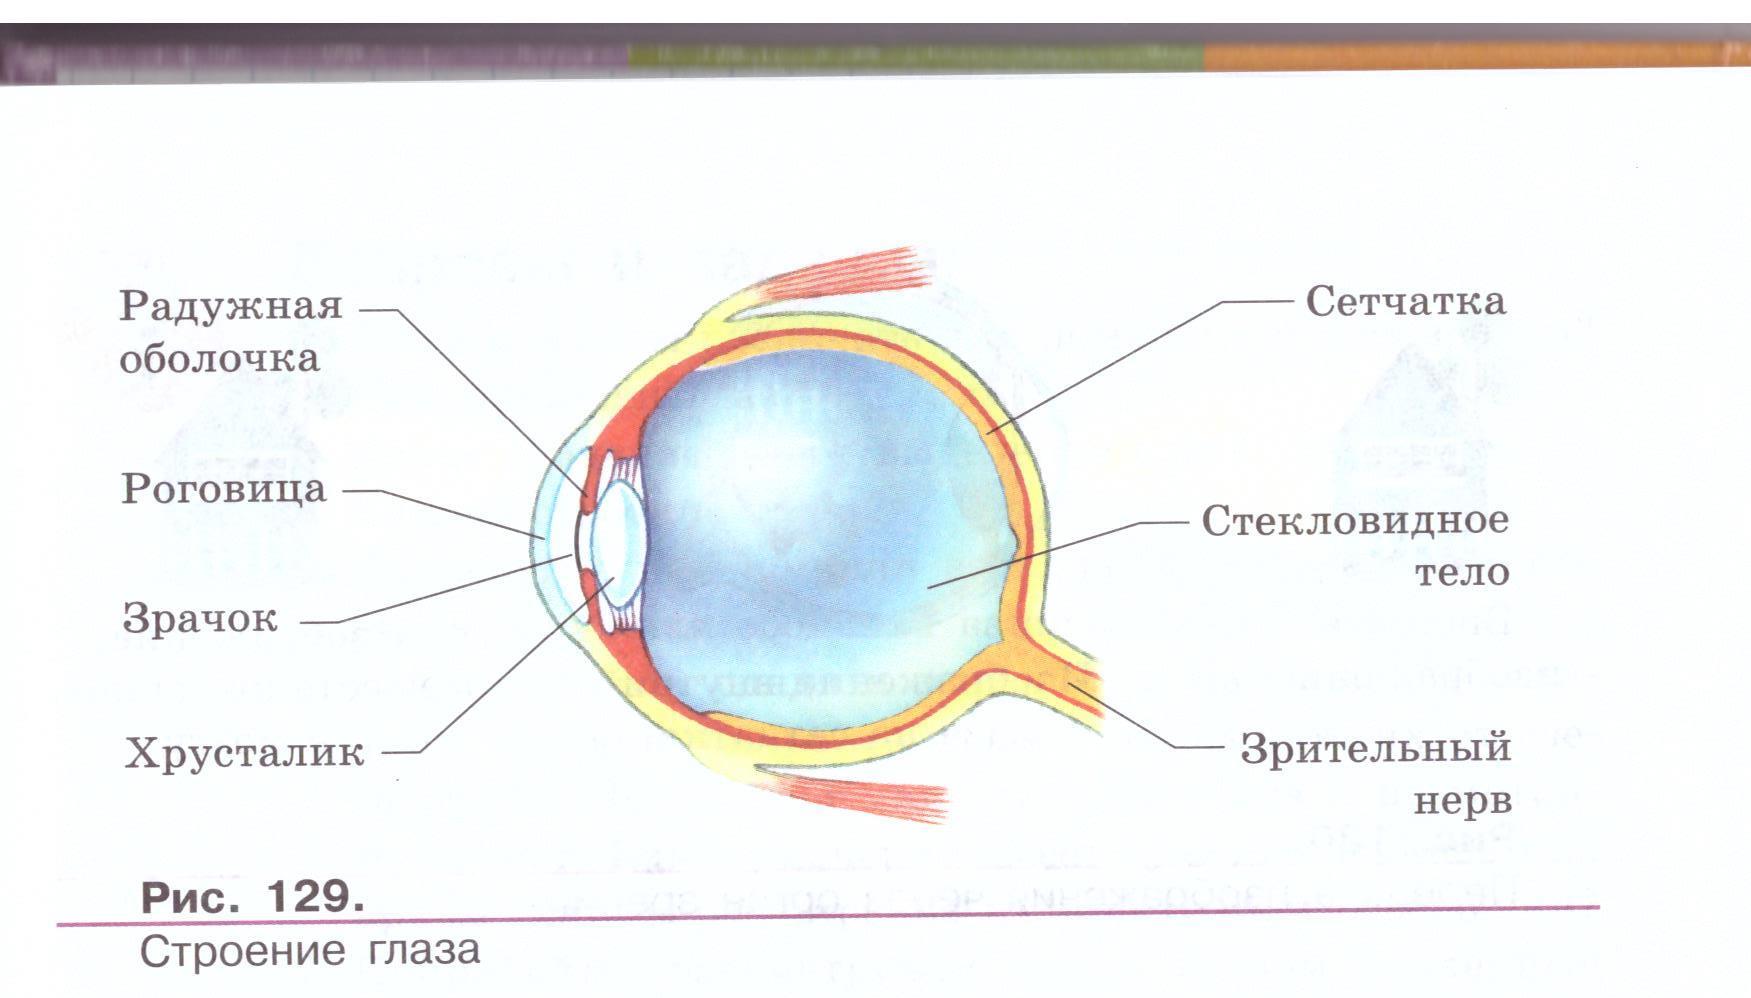 Схема строения глаза человека в хорошем качестве приложении его